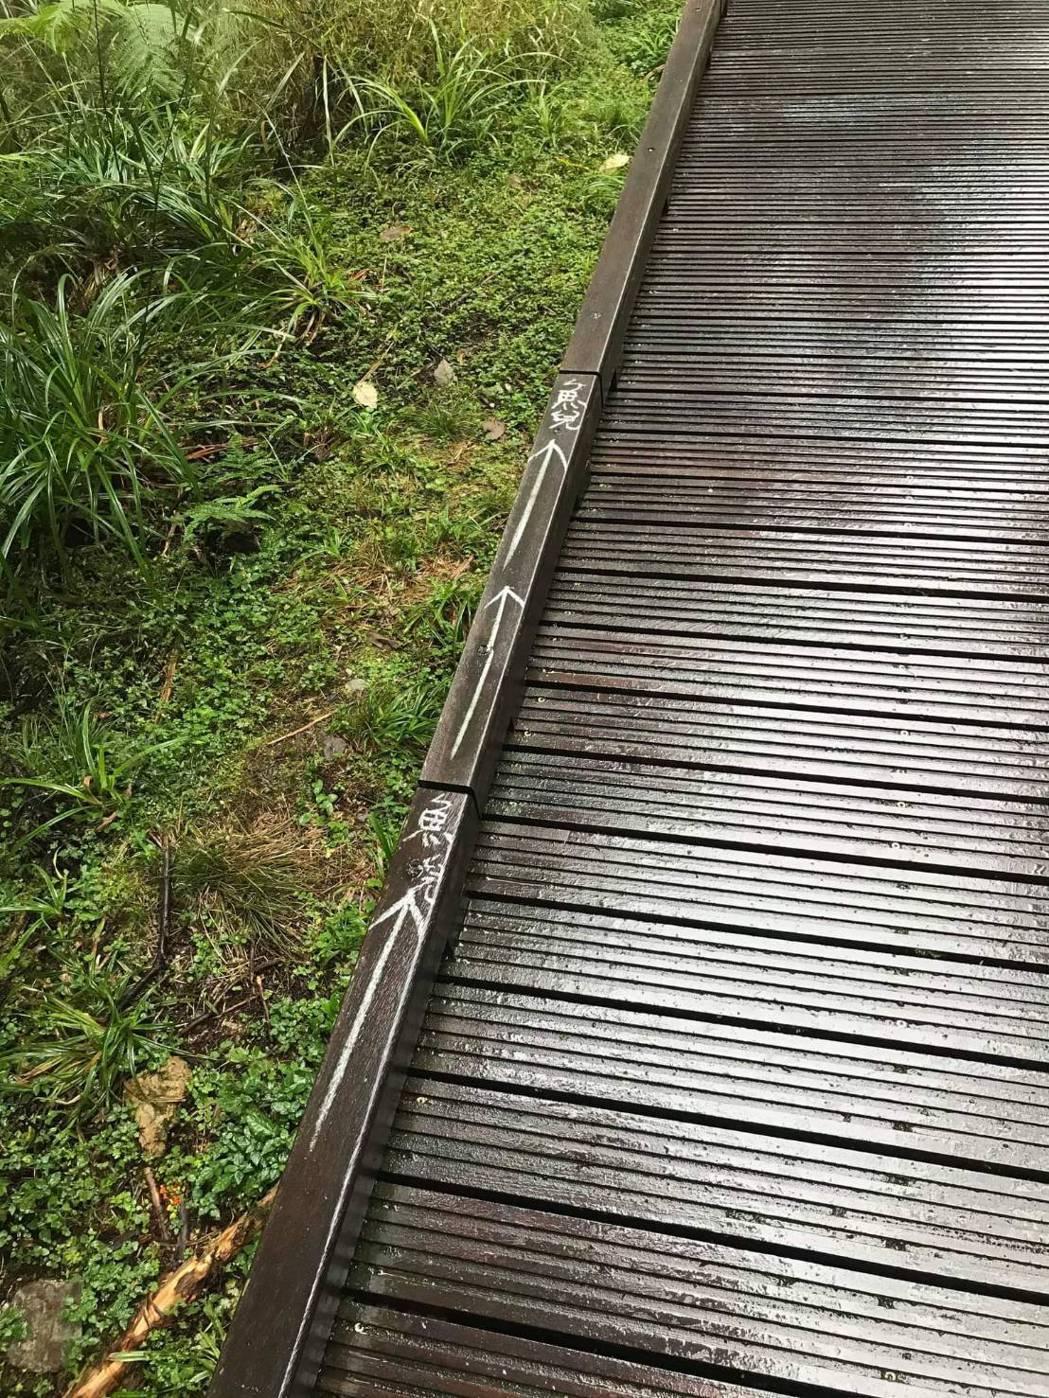 太平山茂興步道被寫上「魚兒」等字樣,園方清查塗鴉共有10處,引起網友痛批「沒公德...